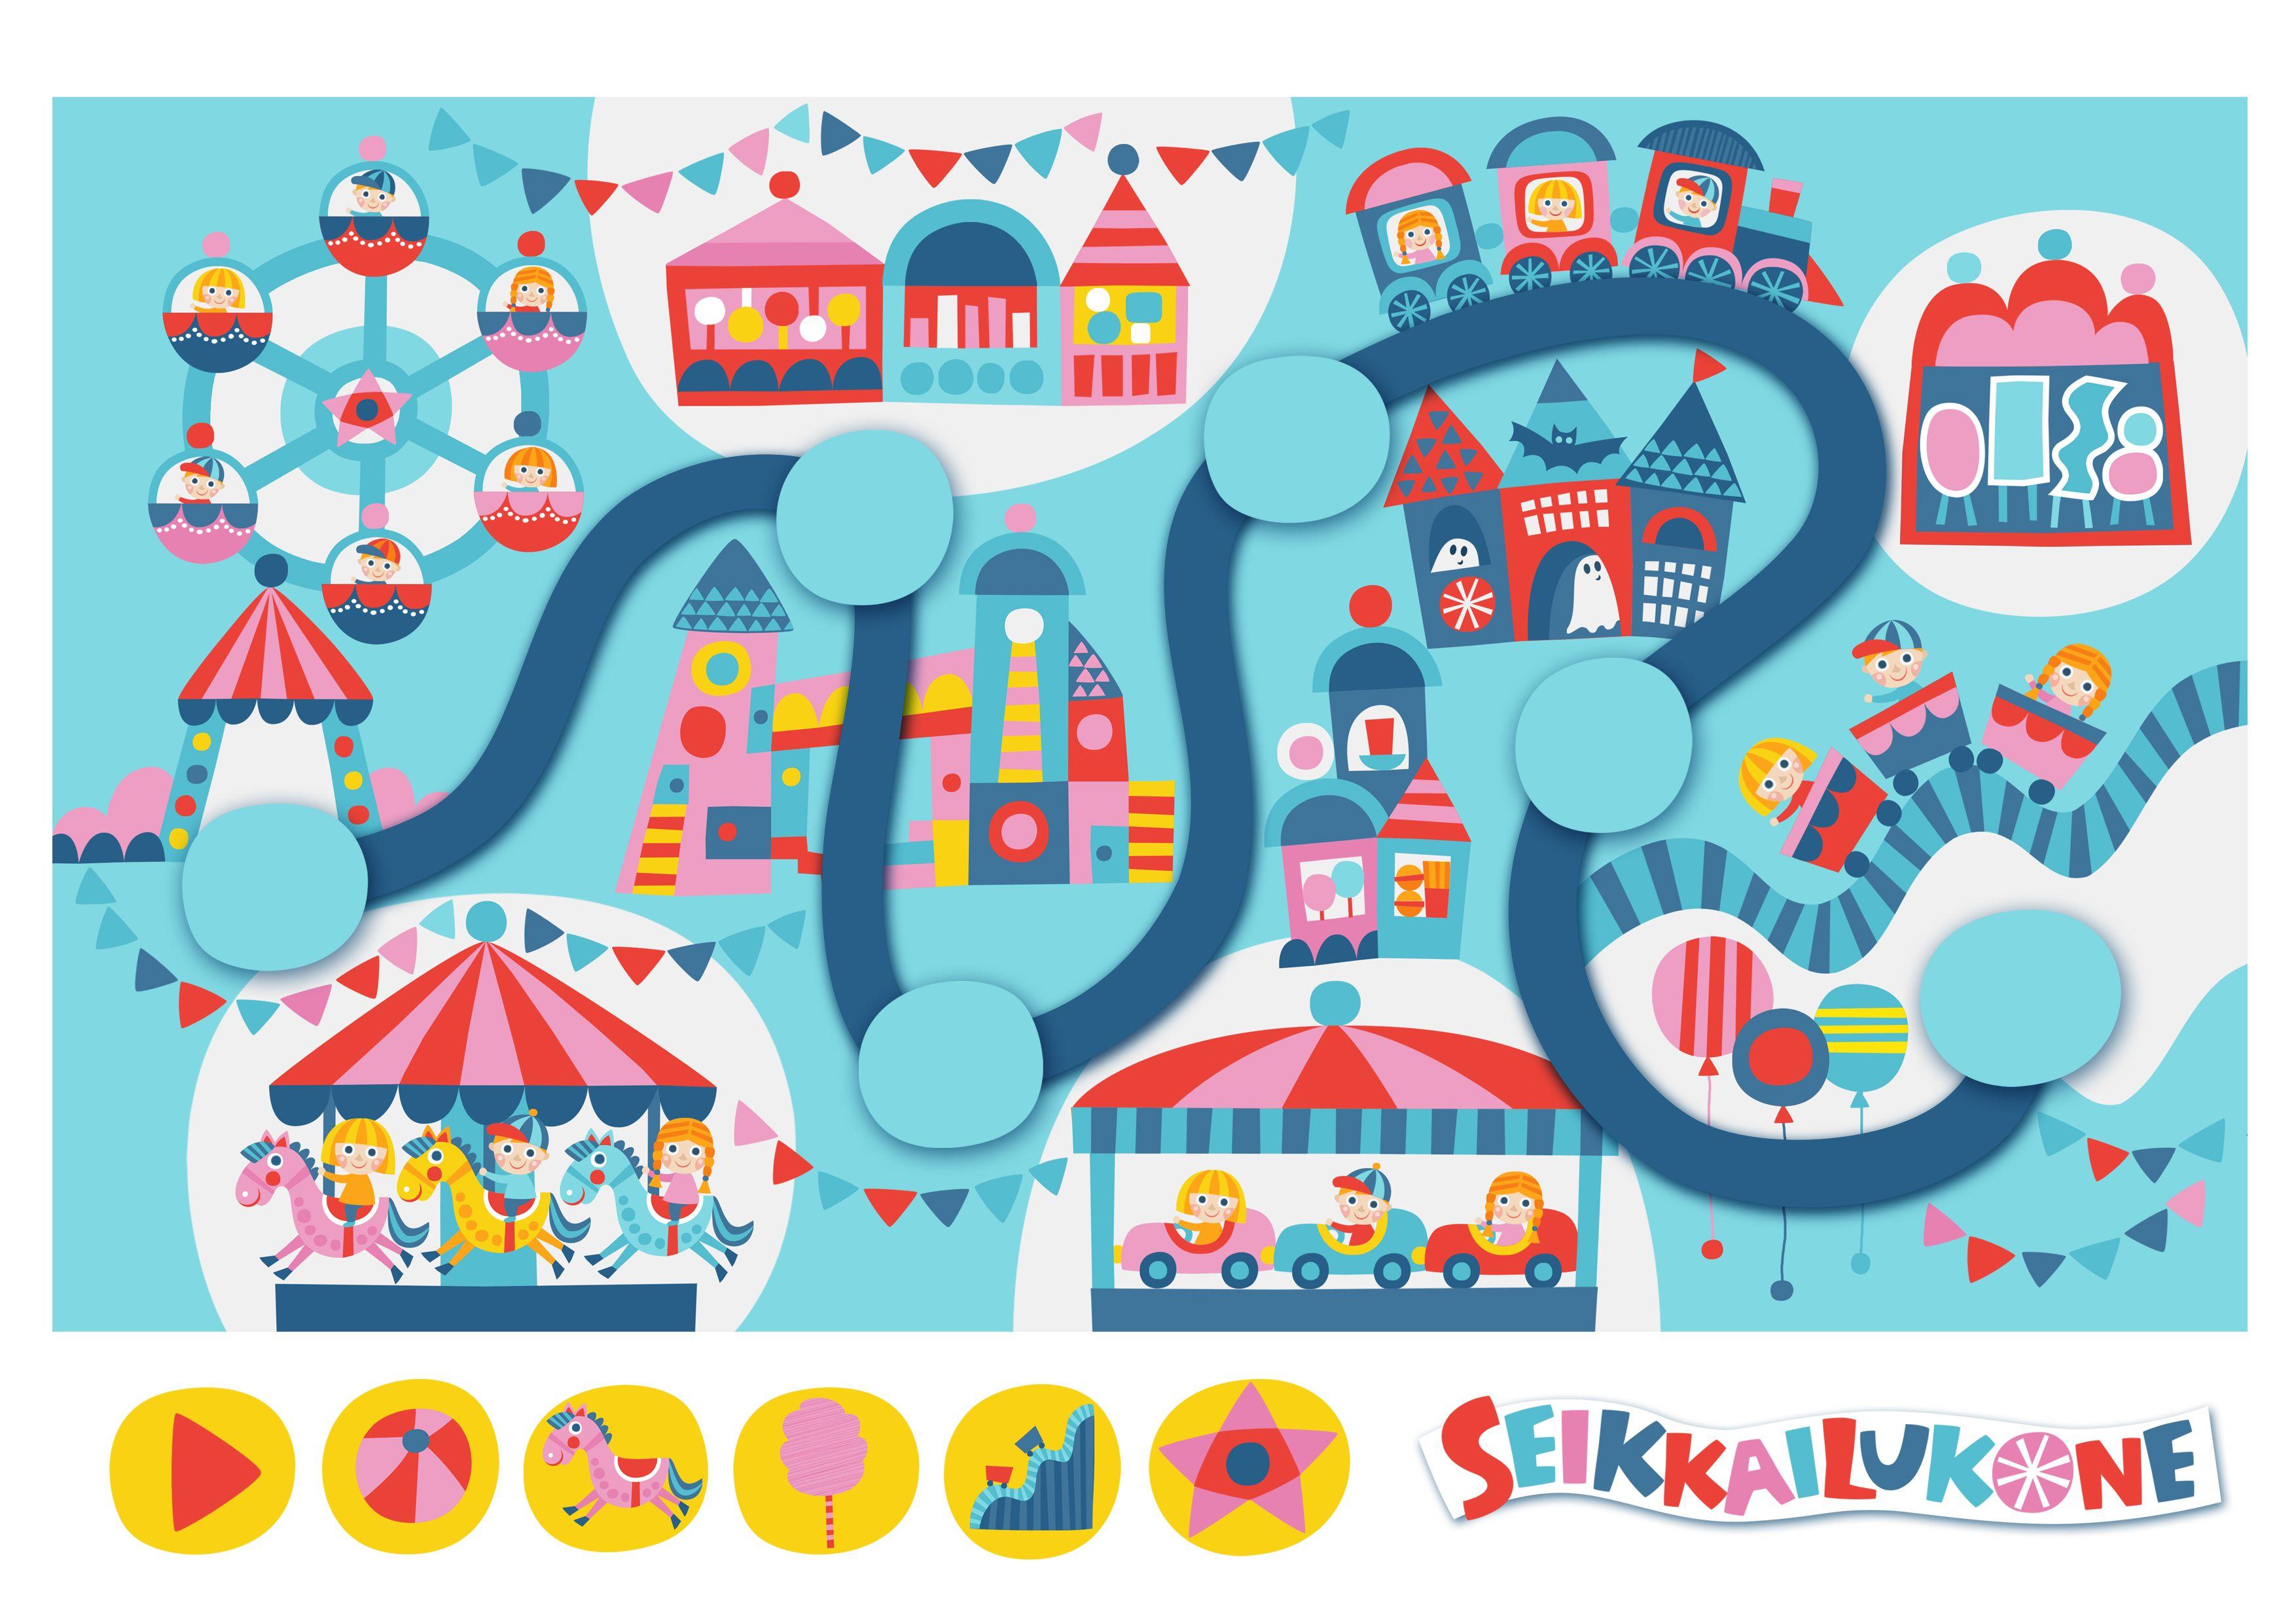 Seikkailukone | tulostettava | paperi | kartta | peli | tehtävä | huvipuisto | lapset | game | map | amusement park | children | kids | free printable | Pikku Kakkonen